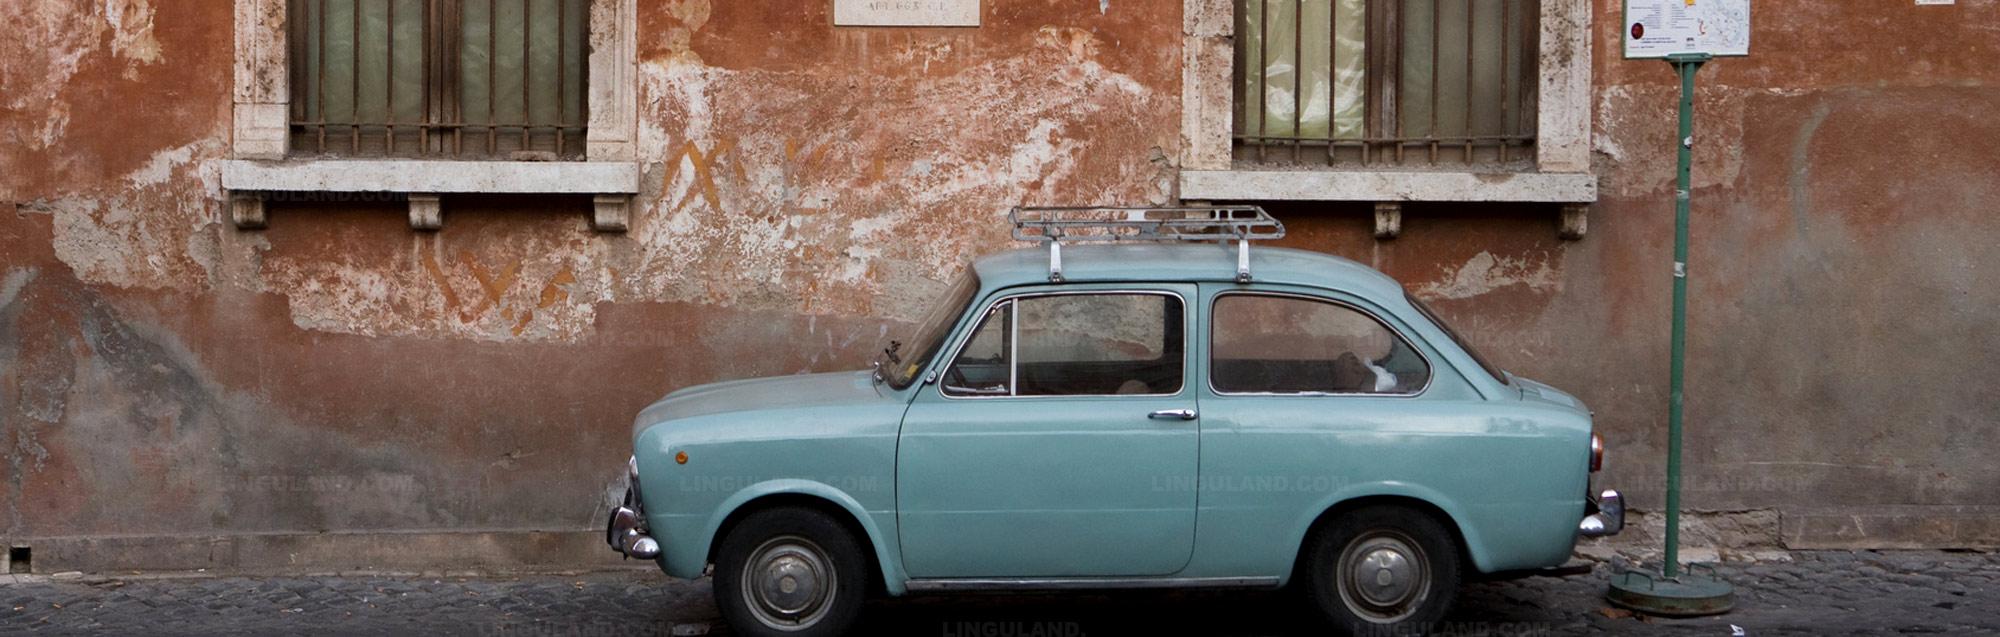 Séjour linguistique italien - apprendre à parler italien à l'étranger